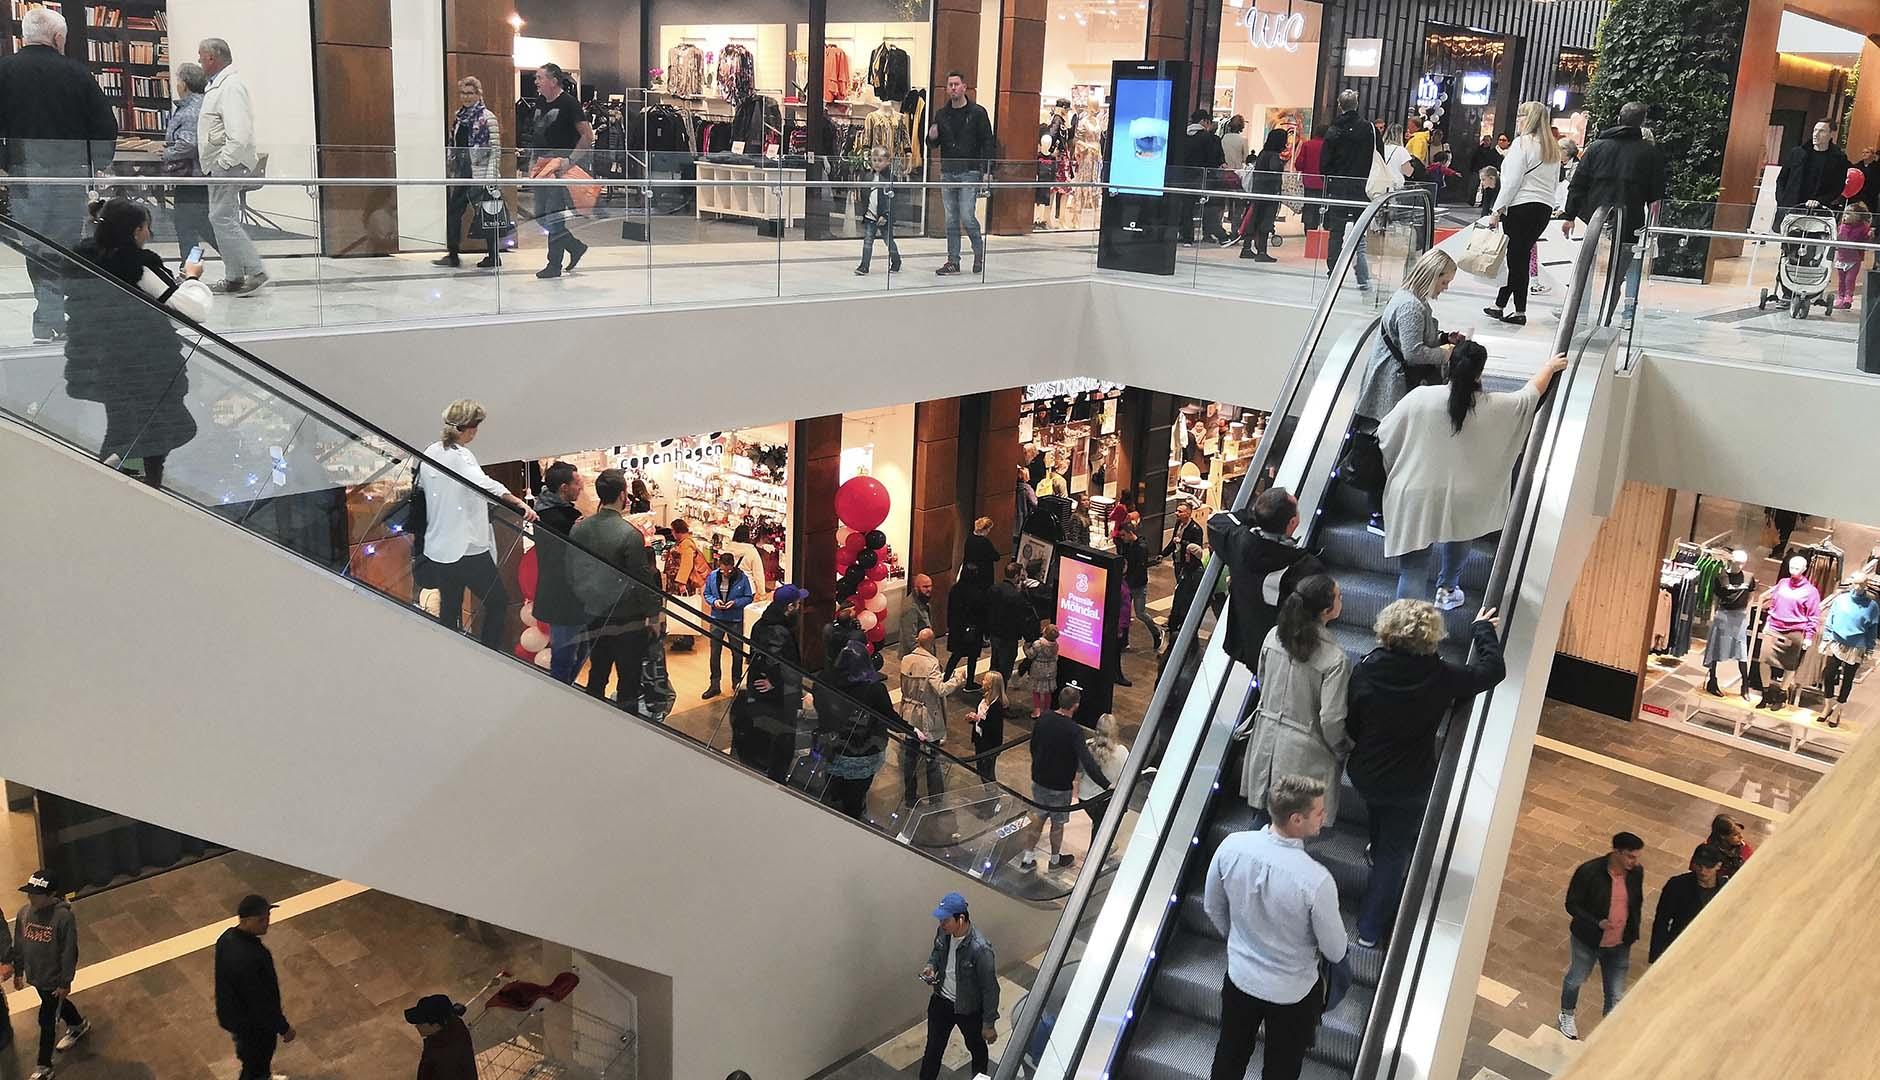 Rulltrappor med människor i köpcentrum